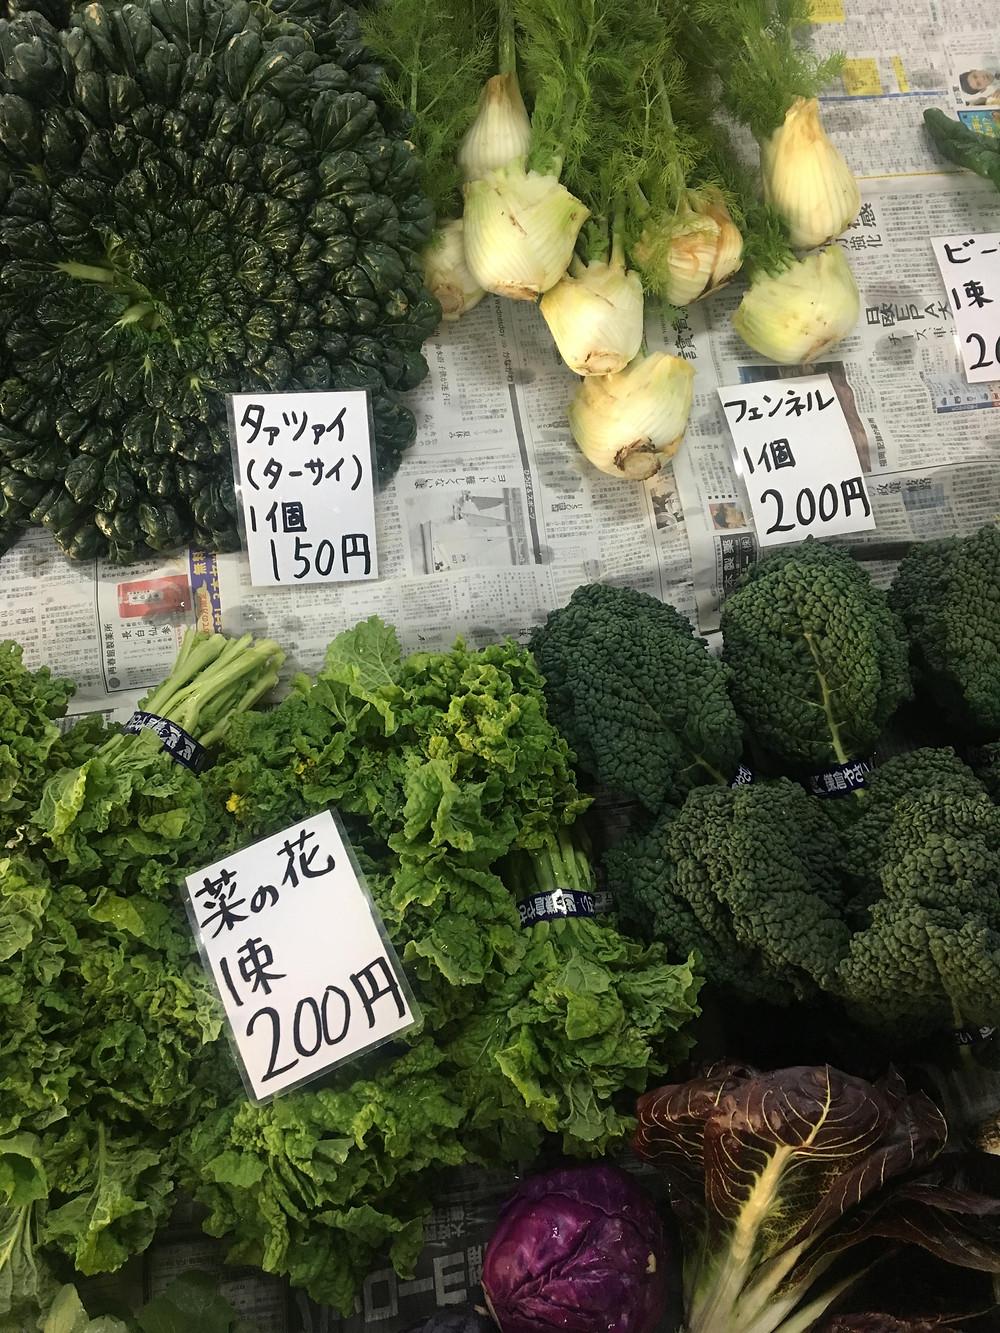 鎌倉,野菜,市場,バンライフ